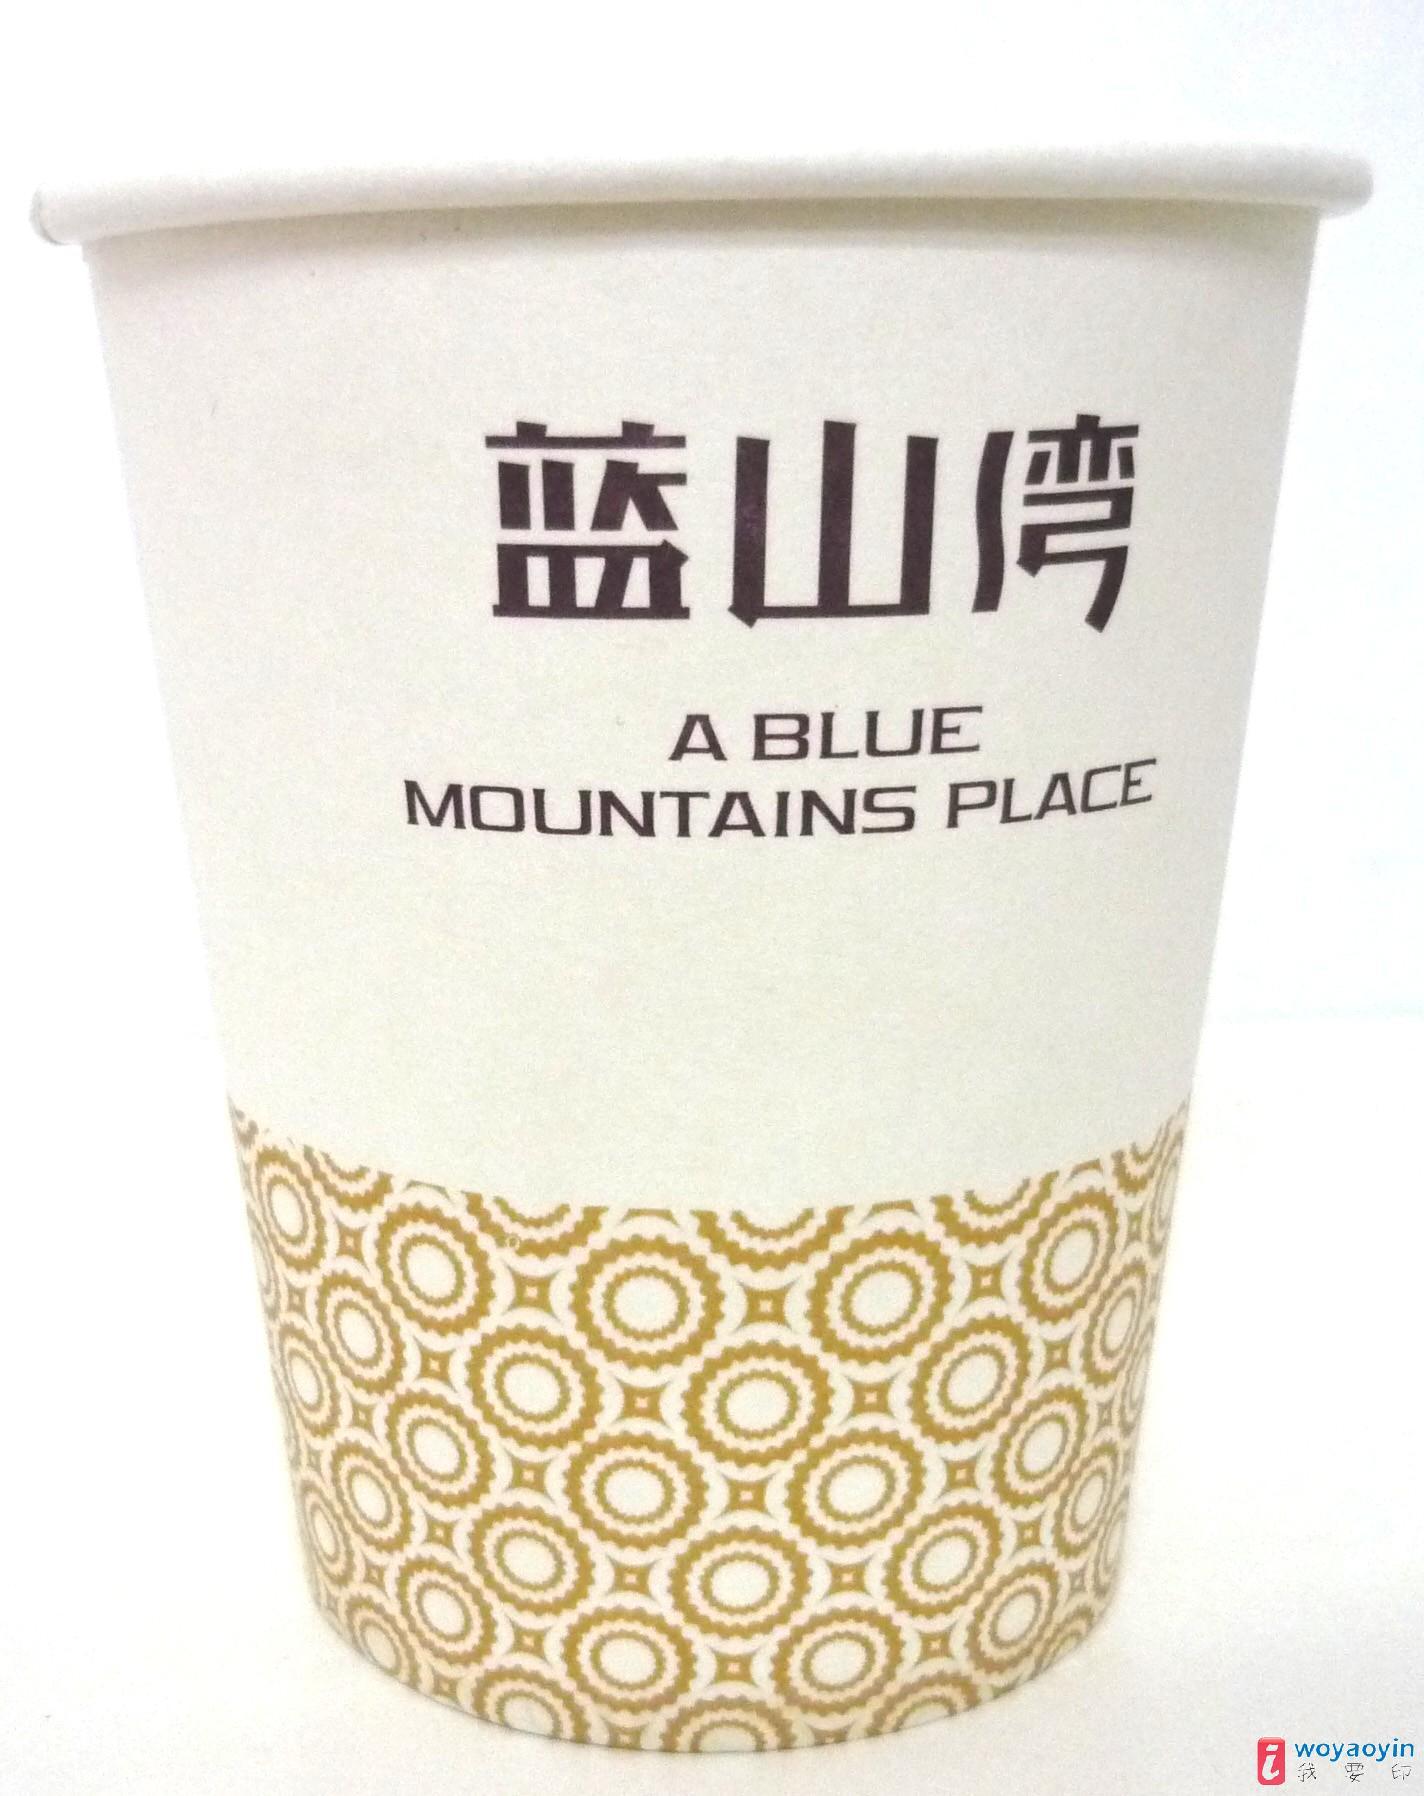 【供应】广告纸杯 青岛纸杯厂,9盎司纸杯介绍,青岛纸杯设计